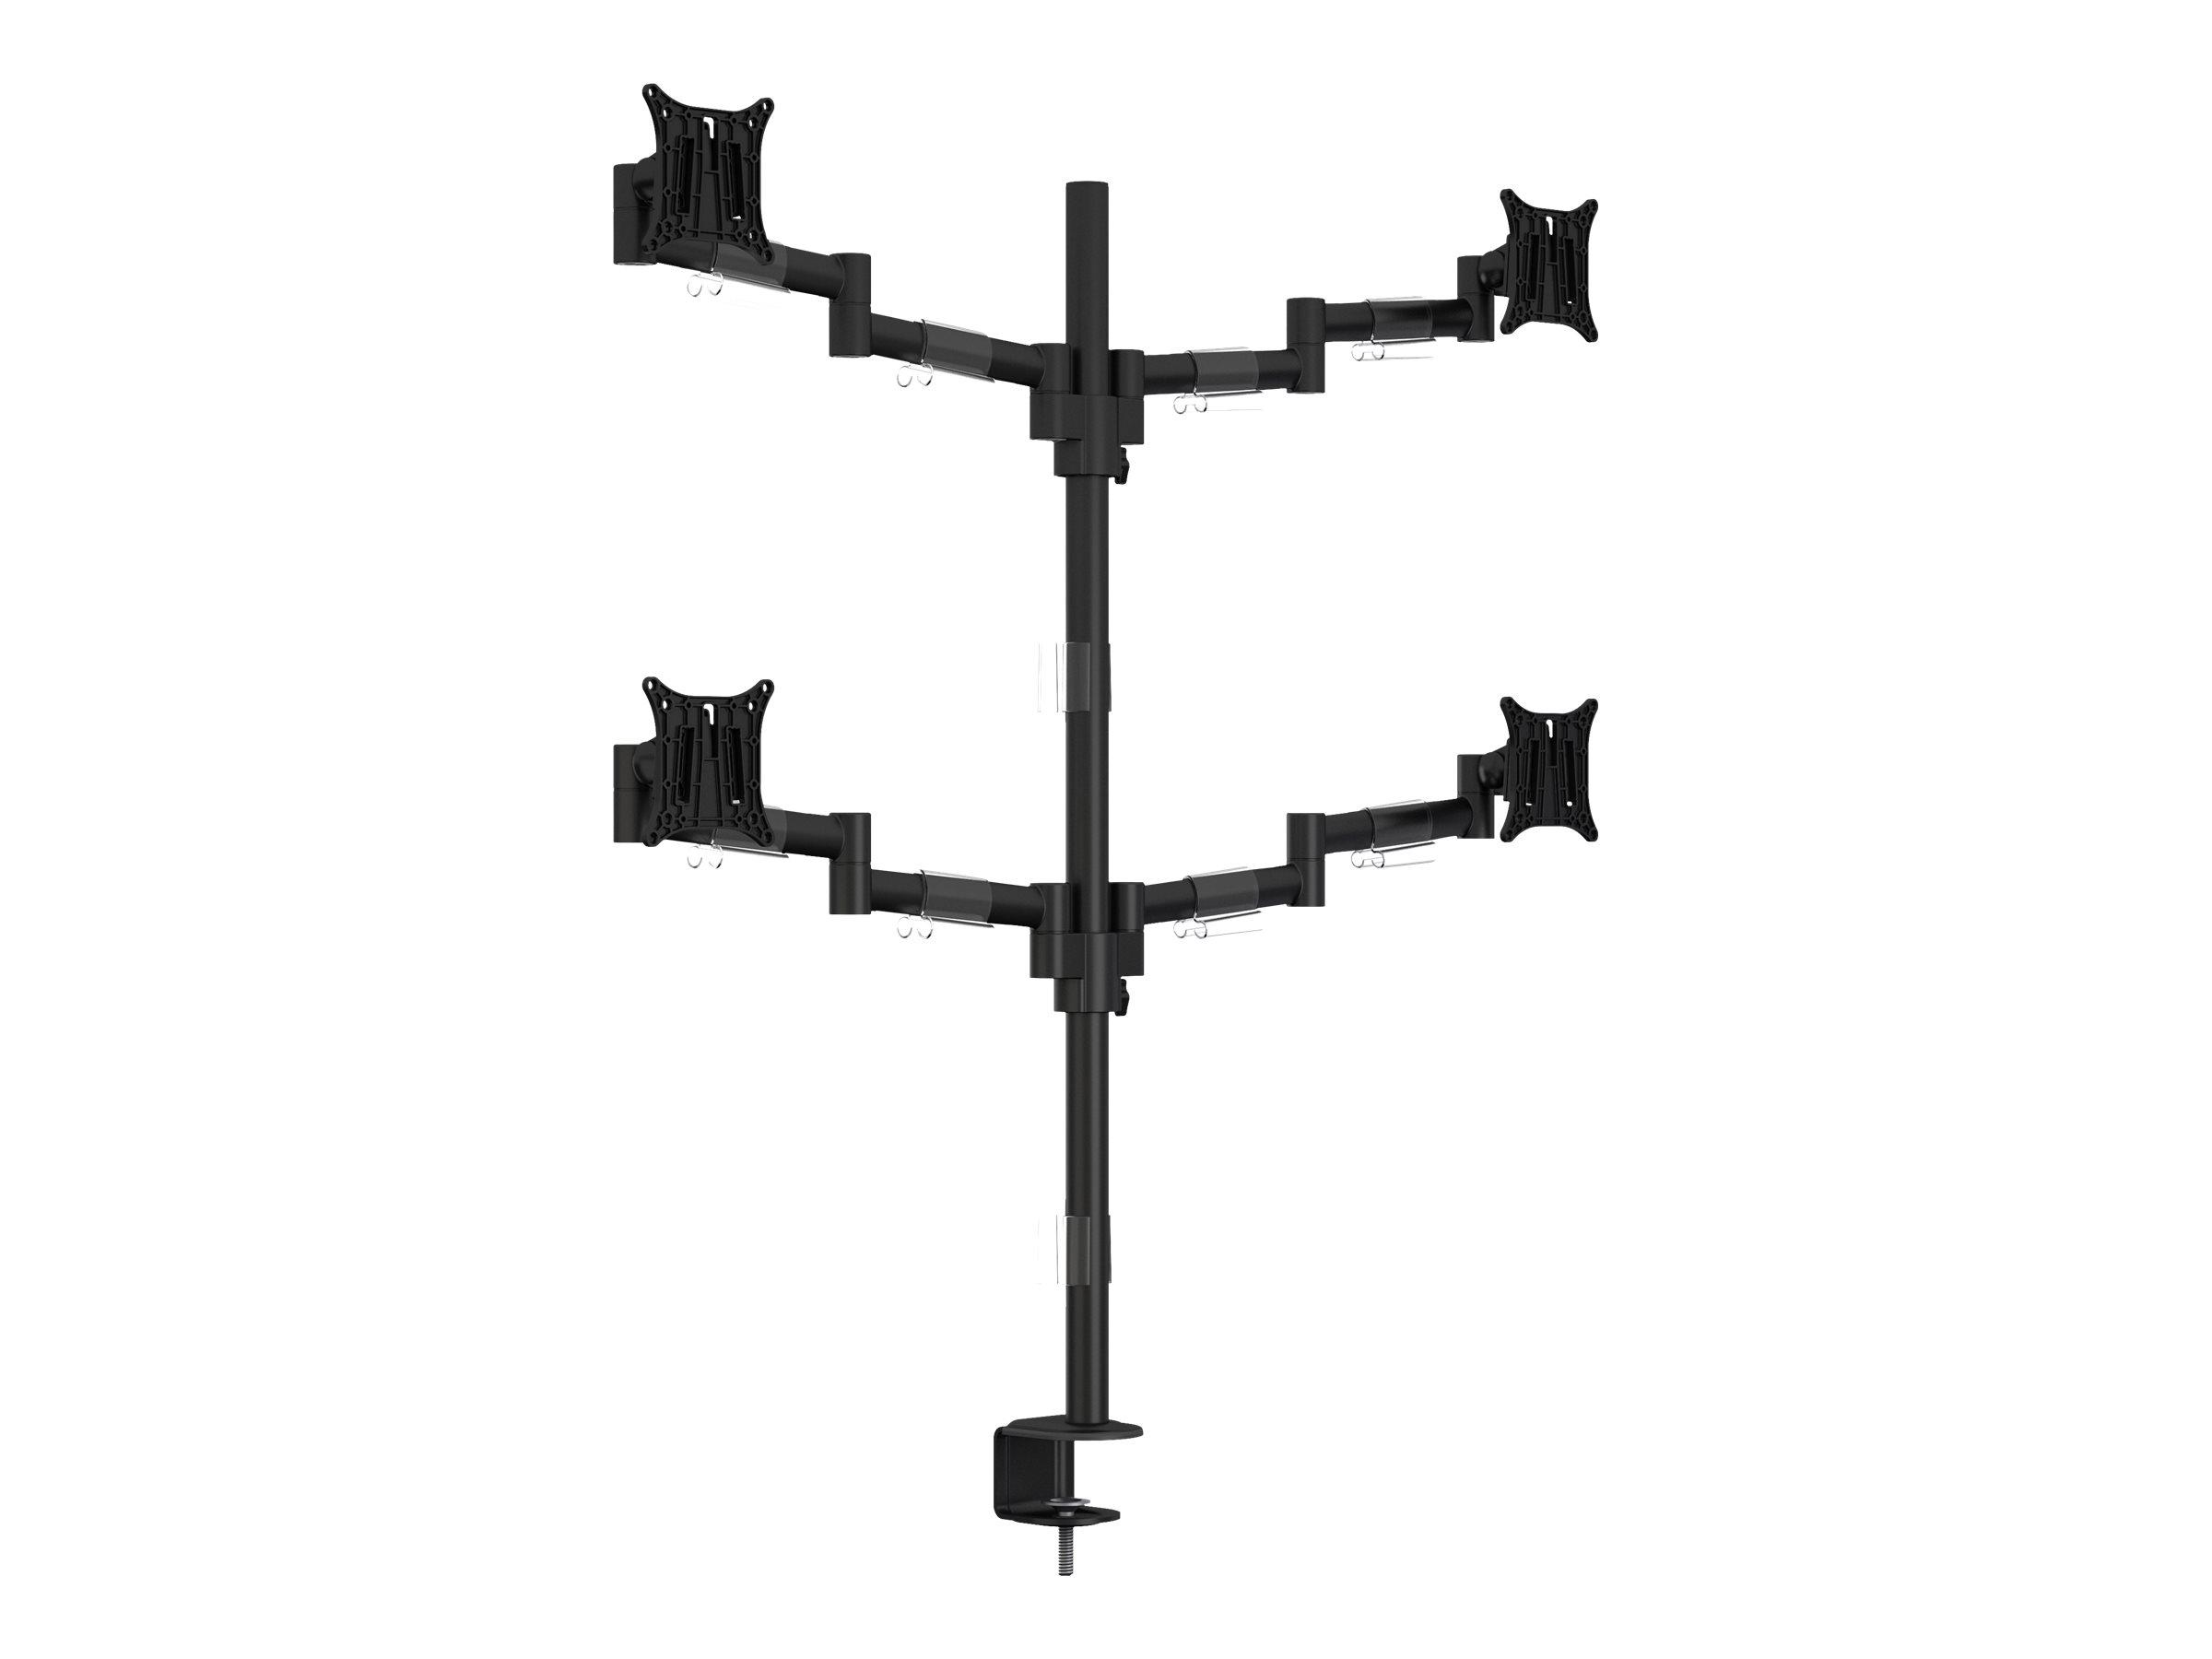 Multibrackets M VESA Deskmount Officeline Quad - Aufstellung für 4 LCD-Anzeigen (einstellbarer Arm) - Stahl - Schwarz - Bildschi